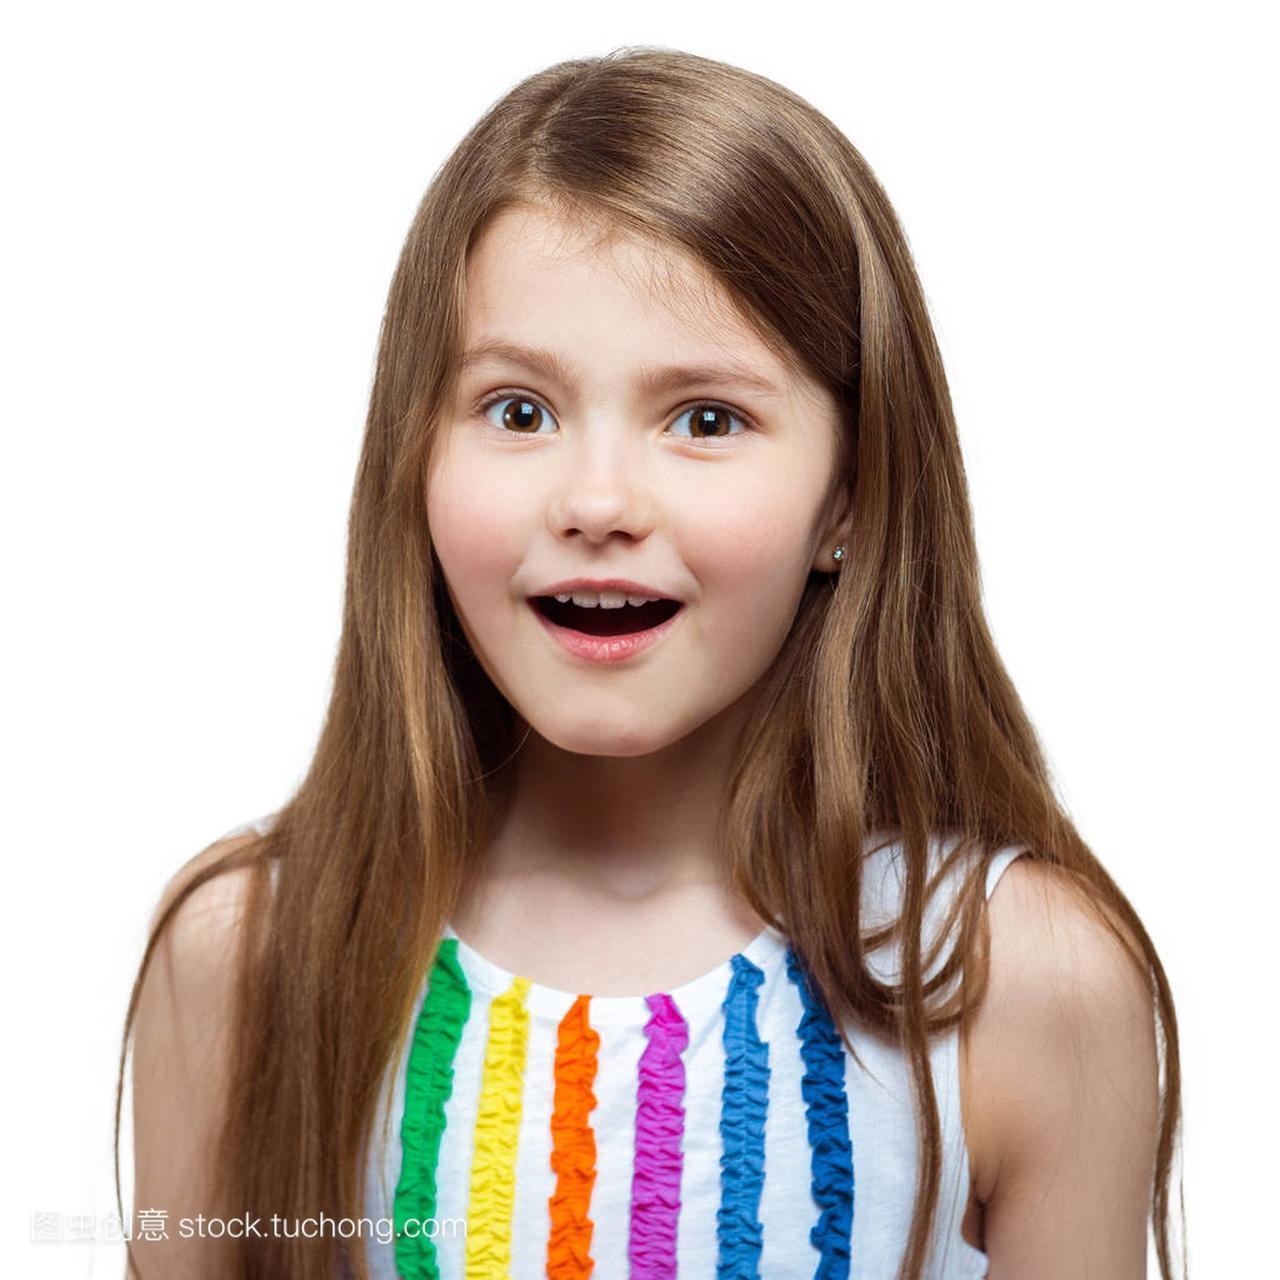 短发开朗的漂亮小女孩的性格。a短发的画像,在今年最的孩子流行女生